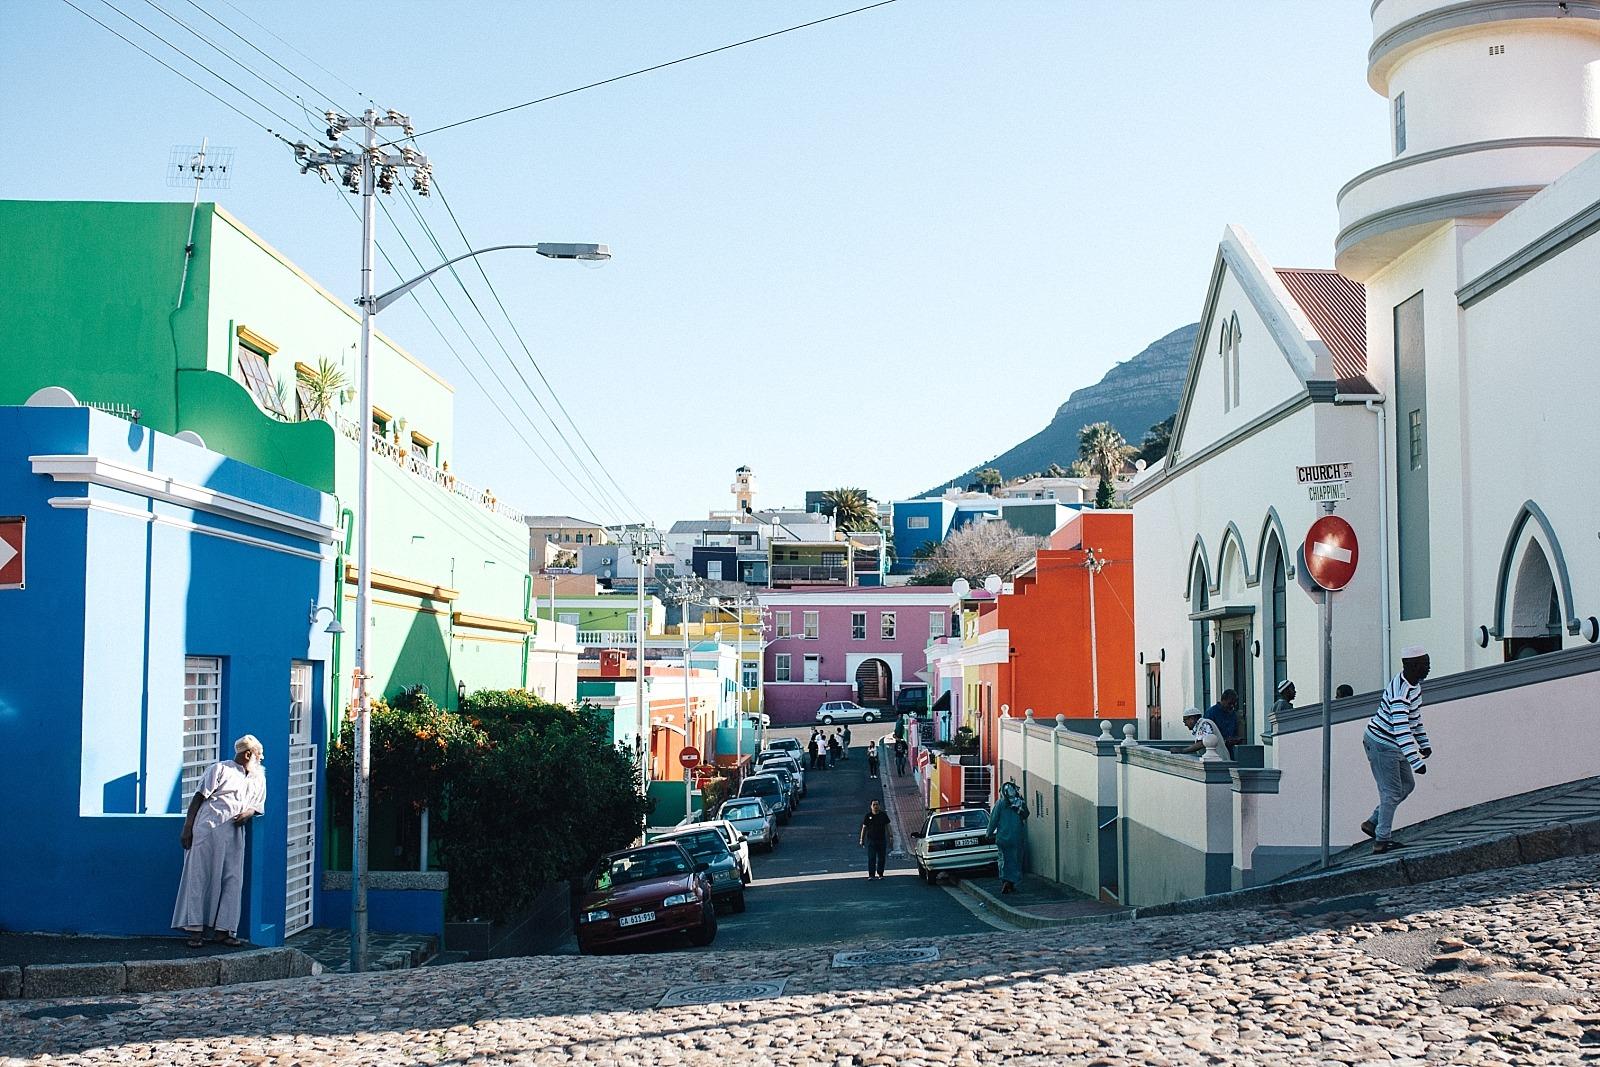 quartier de bo-kaap cape town afrique du sud